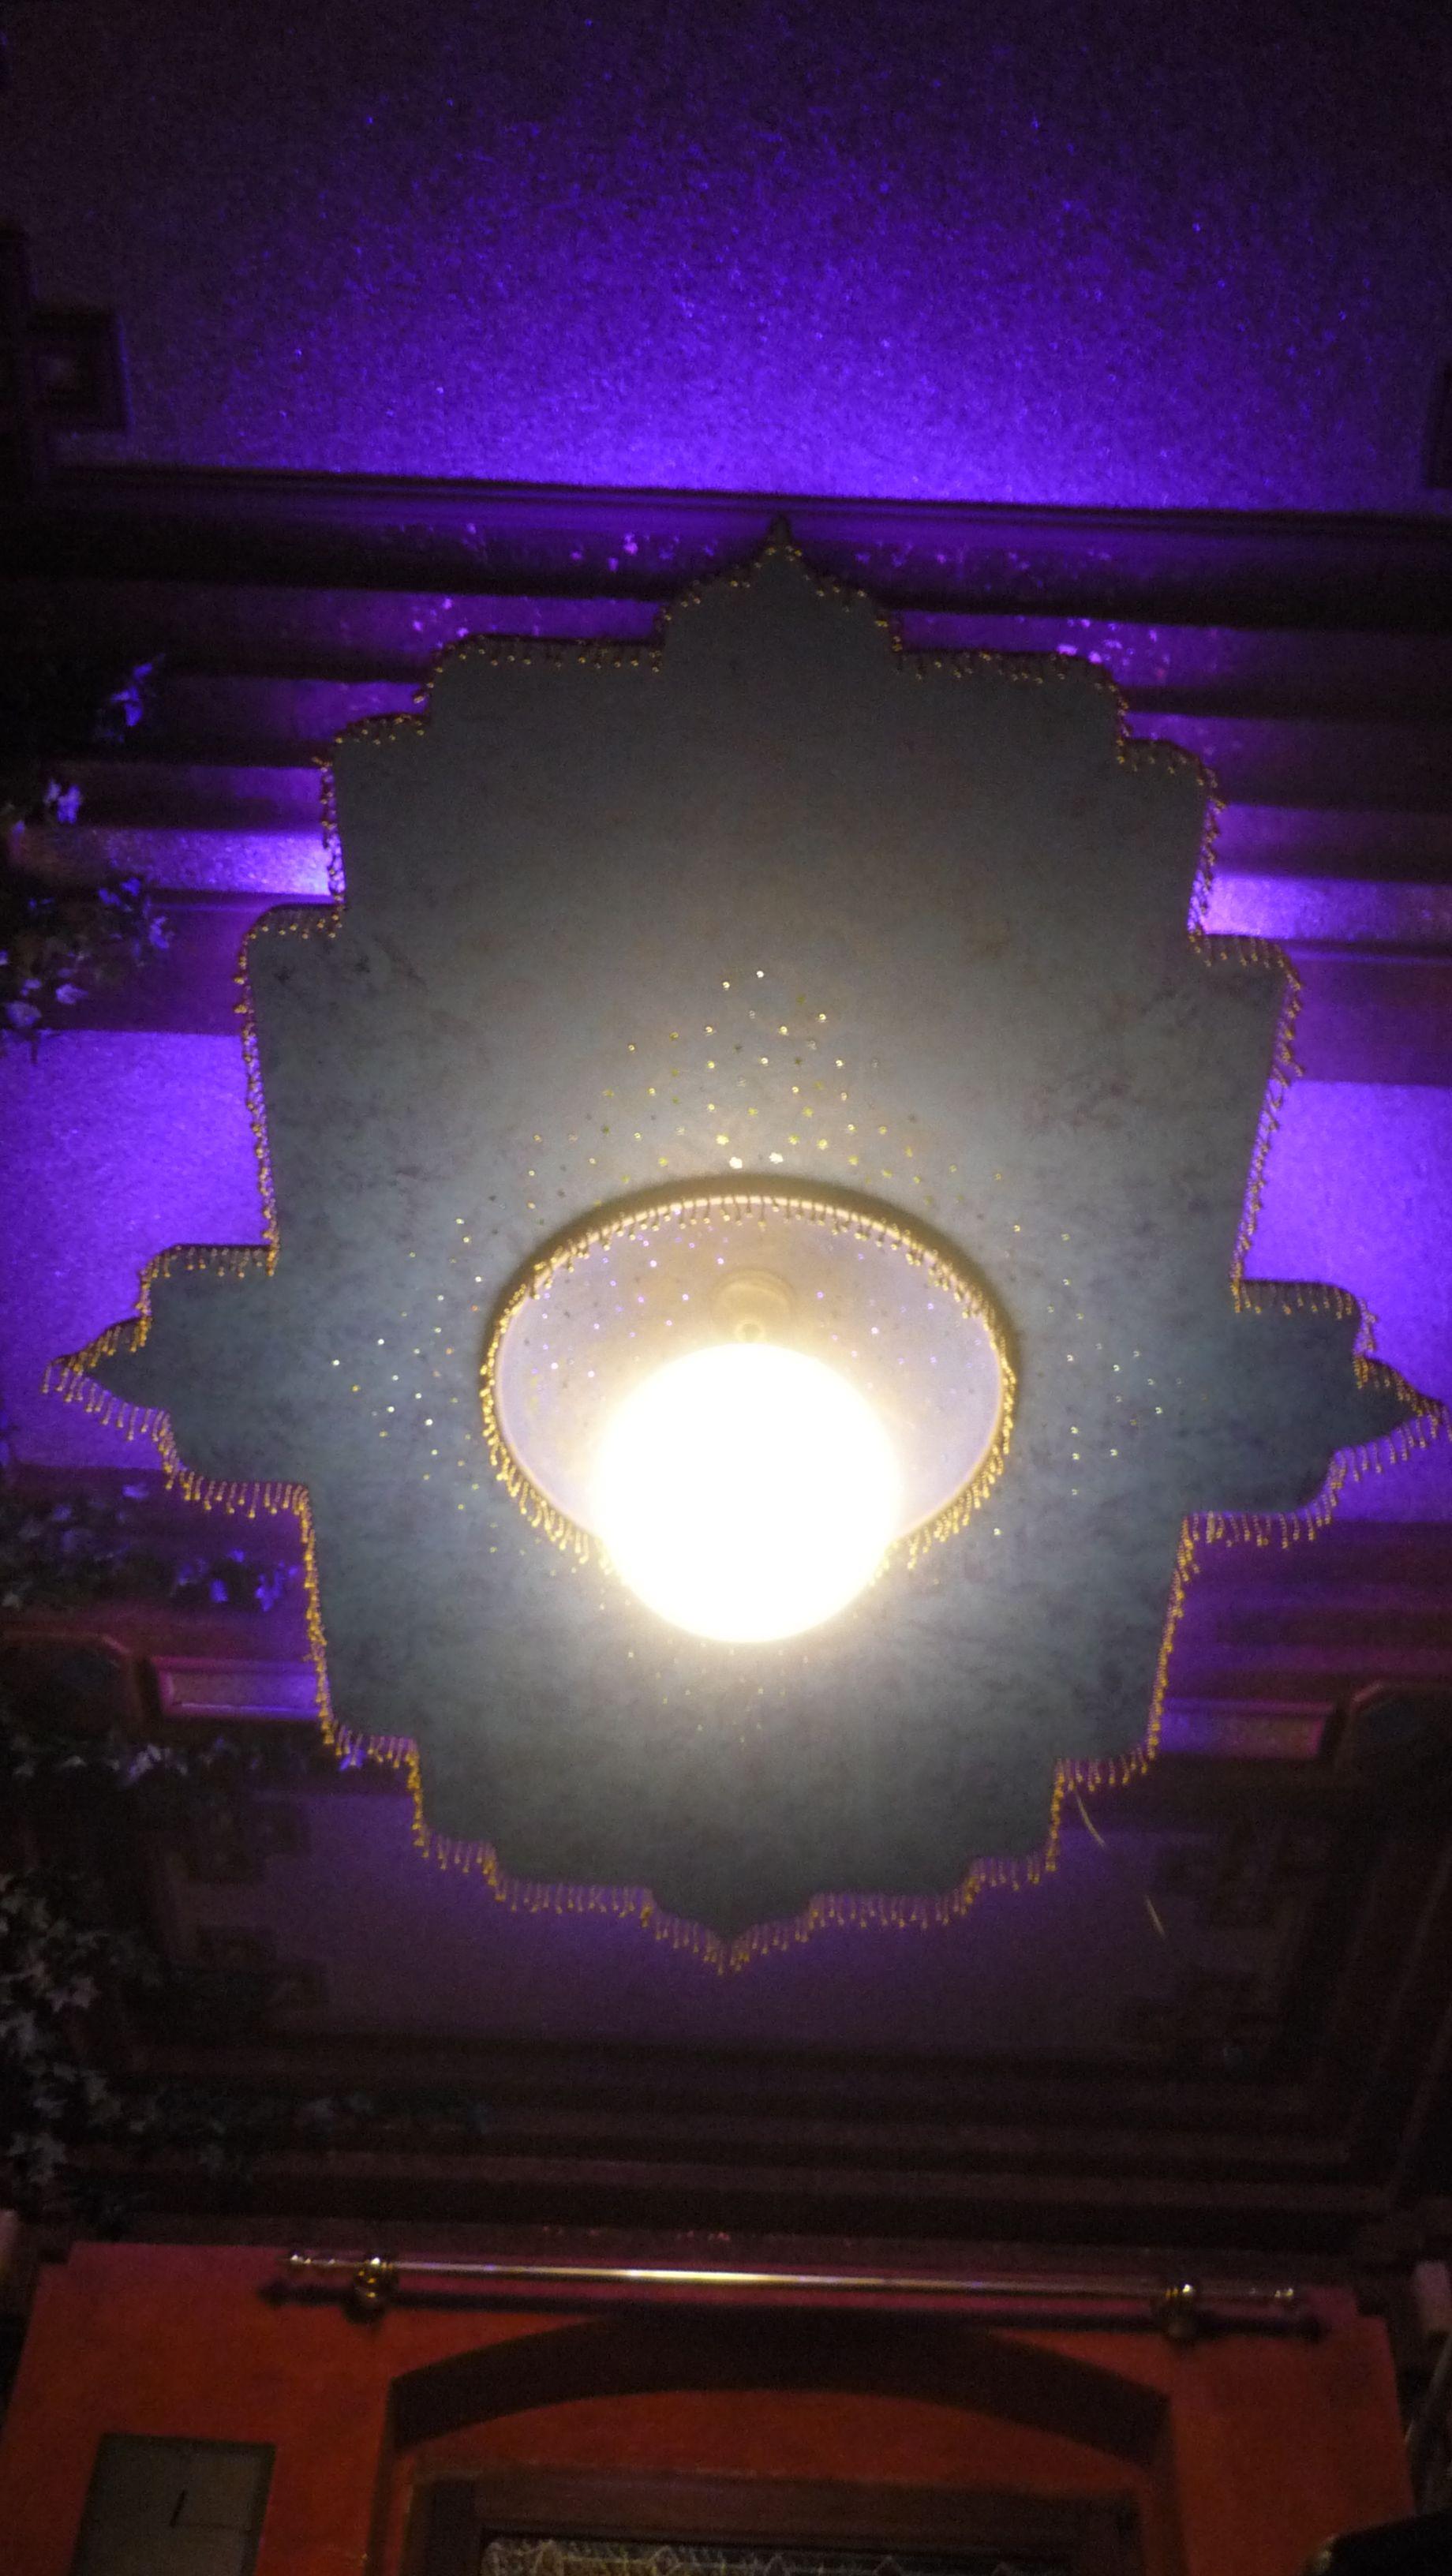 Deckenlampe, Kugelleuchte, LED lights